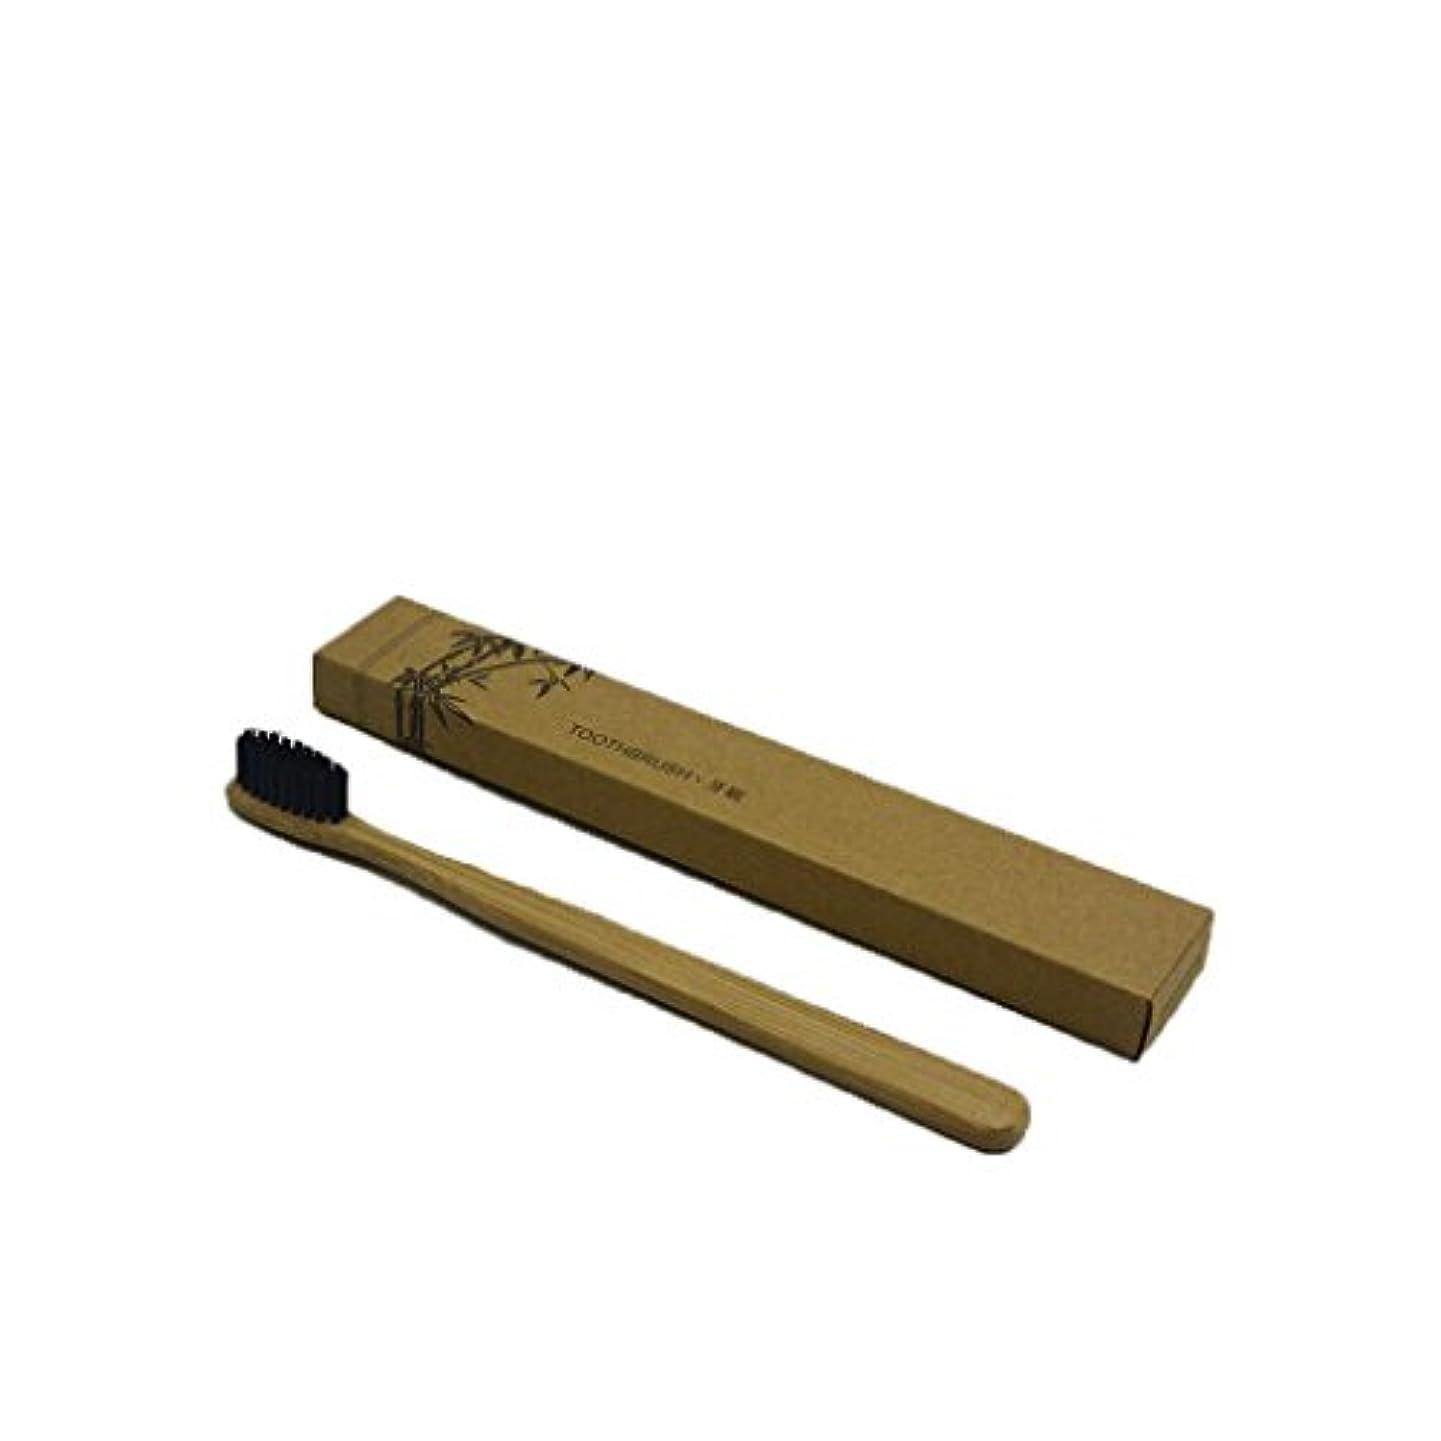 オセアニア助言市長Arichops 竹製歯ブラシ ミディアム及びソフト、生分解性、ビーガン、バイオ、エコ、持続可能な木製ハンドル、ホワイトニング 歯 竹歯ブラシ